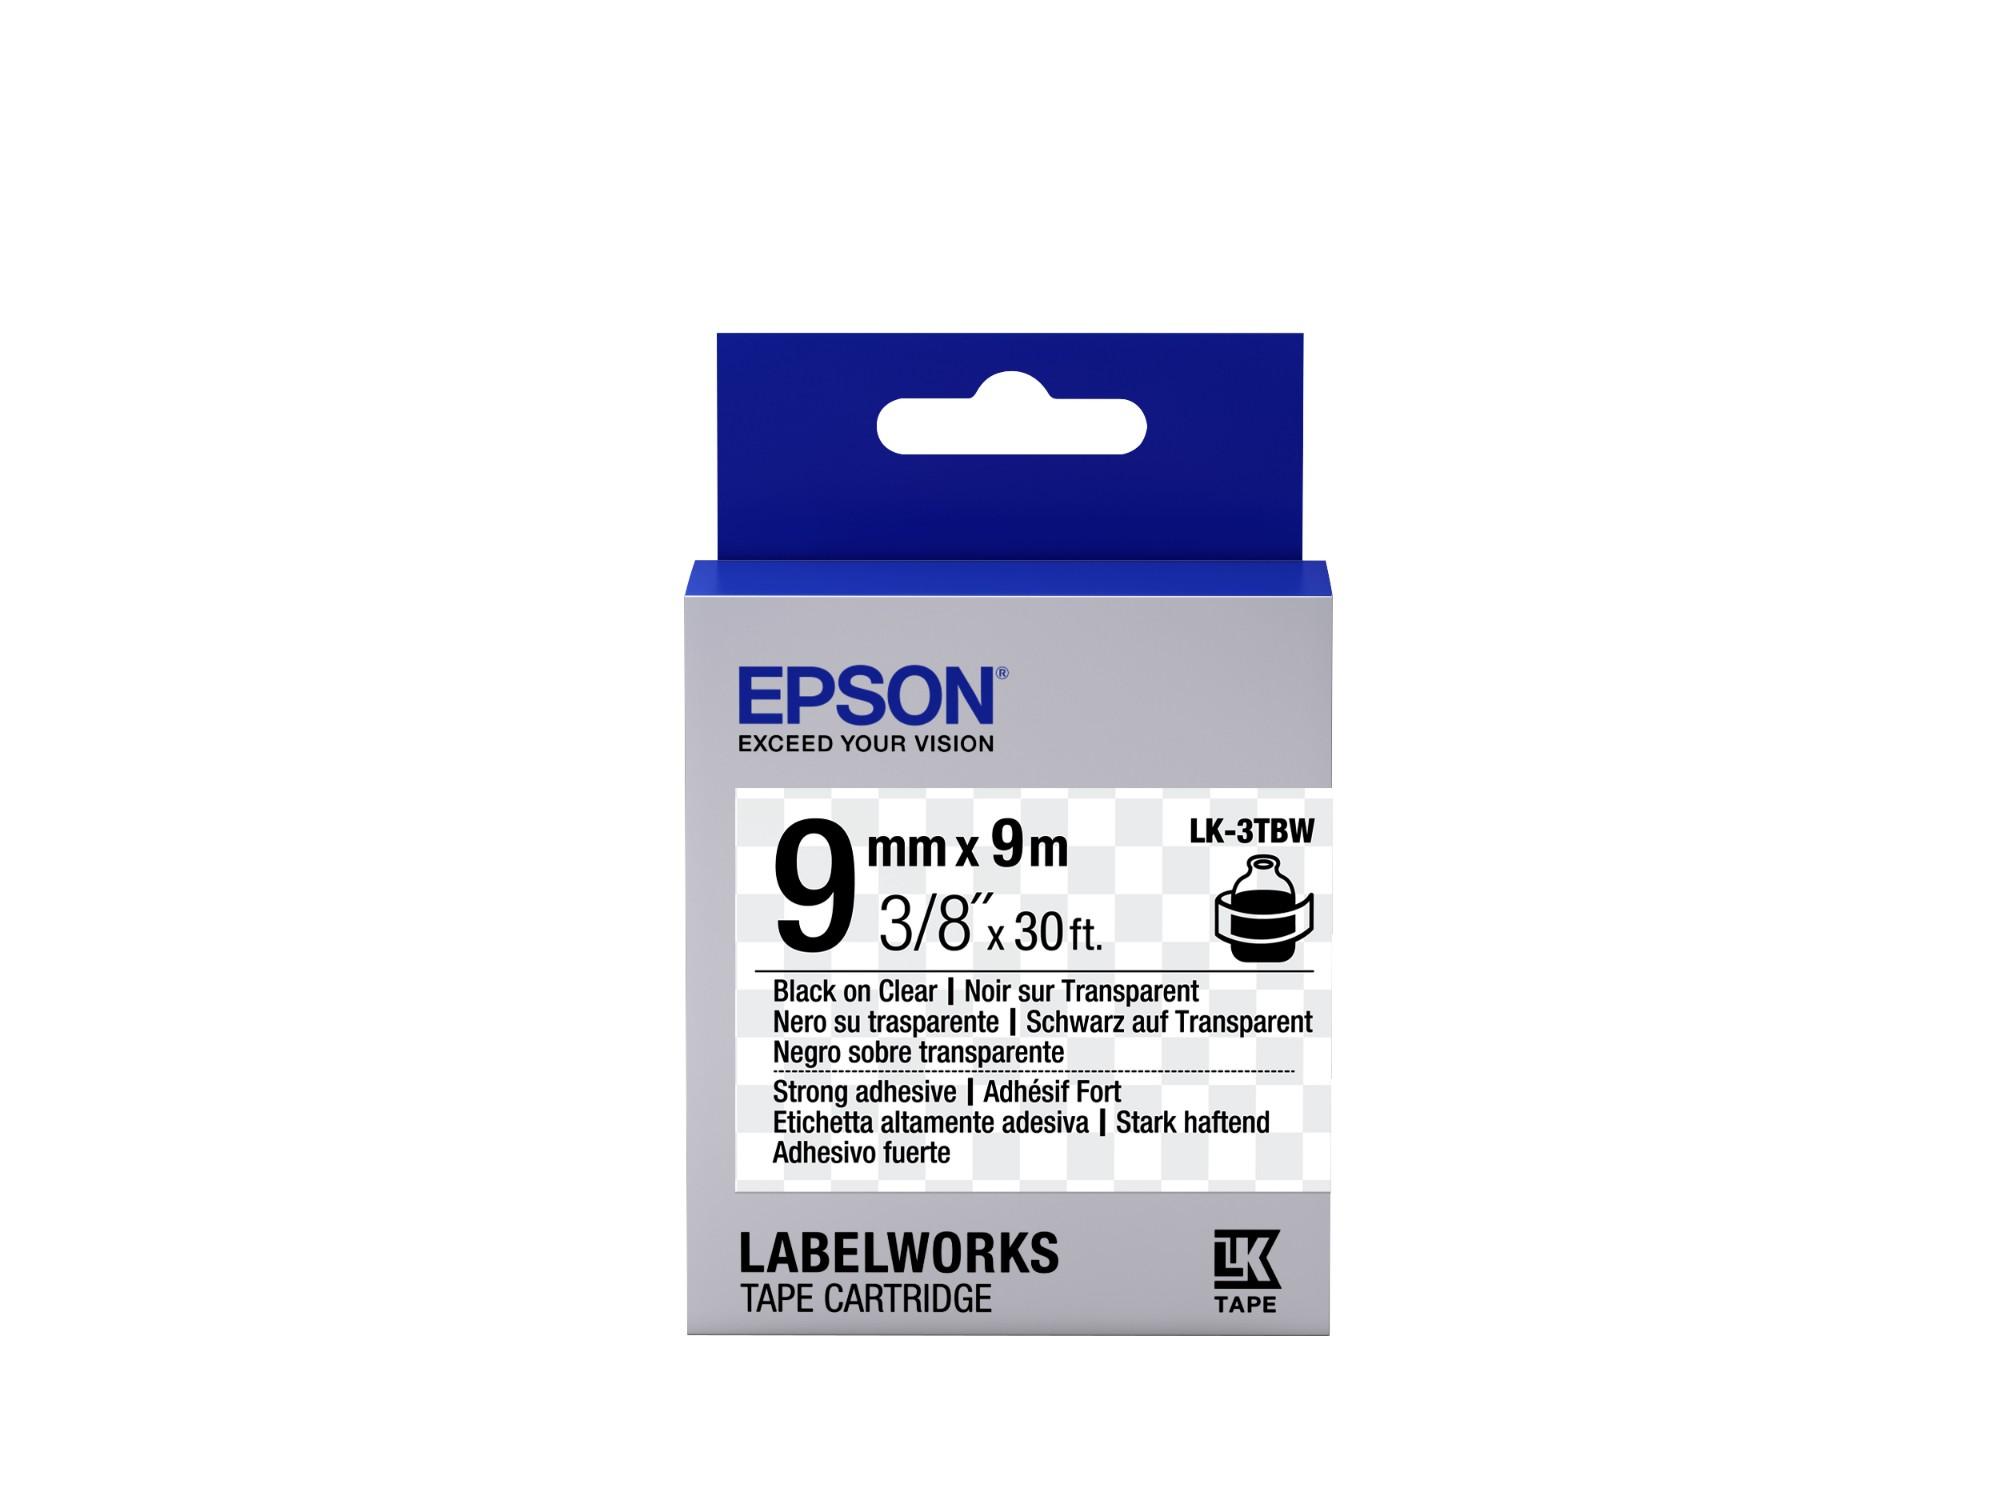 Epson Cinta adhesiva resistente - LK-3TBW cinta adhesiva resistente negra/transparente 9/9